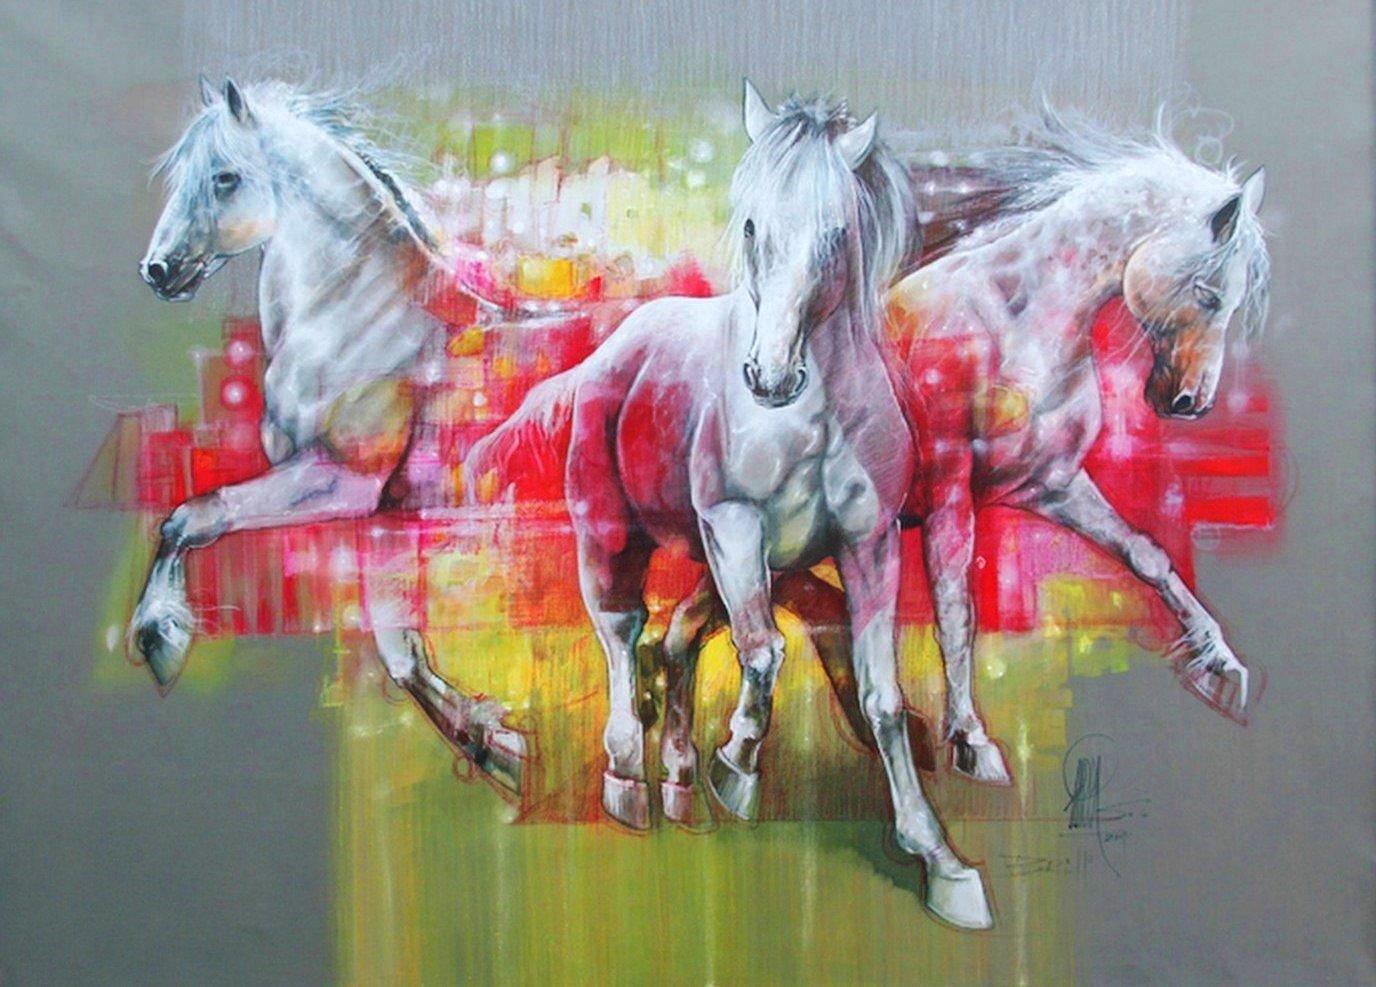 pintura moderna y fotograf a art stica pinturas de